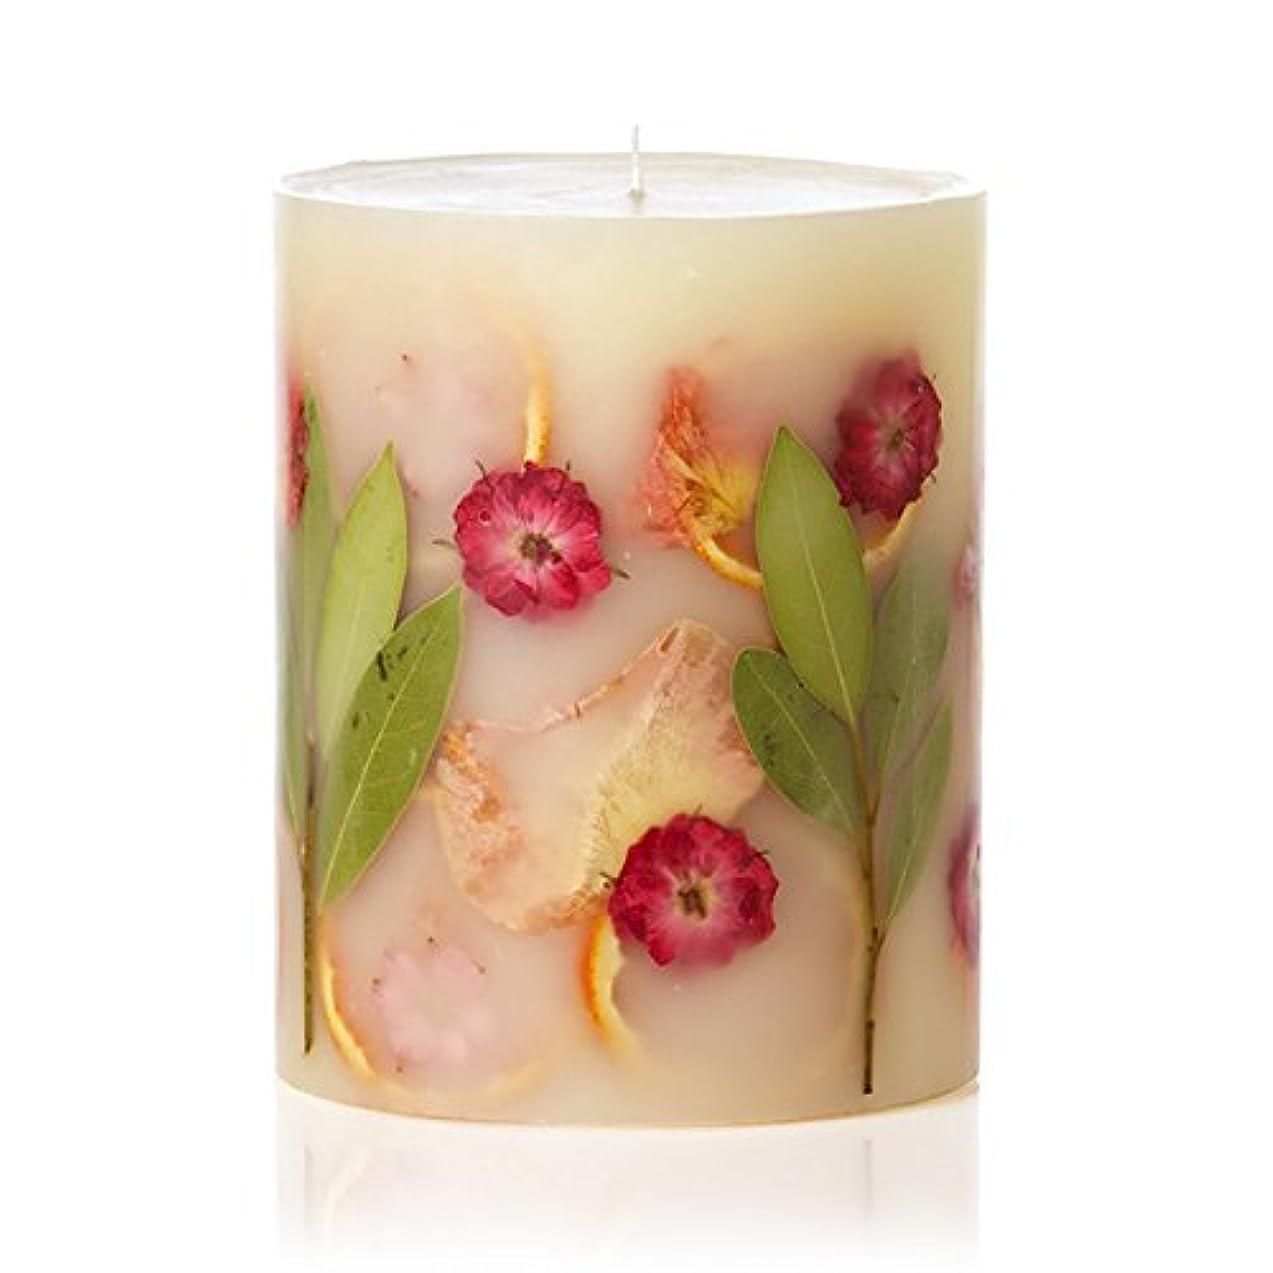 無実ポンド取り除くロージーリングス ボタニカルキャンドル トールラウンド ピオニー&ポメロ ROSY RINGS Round Botanical CandleTall Round Peony & Pomelo